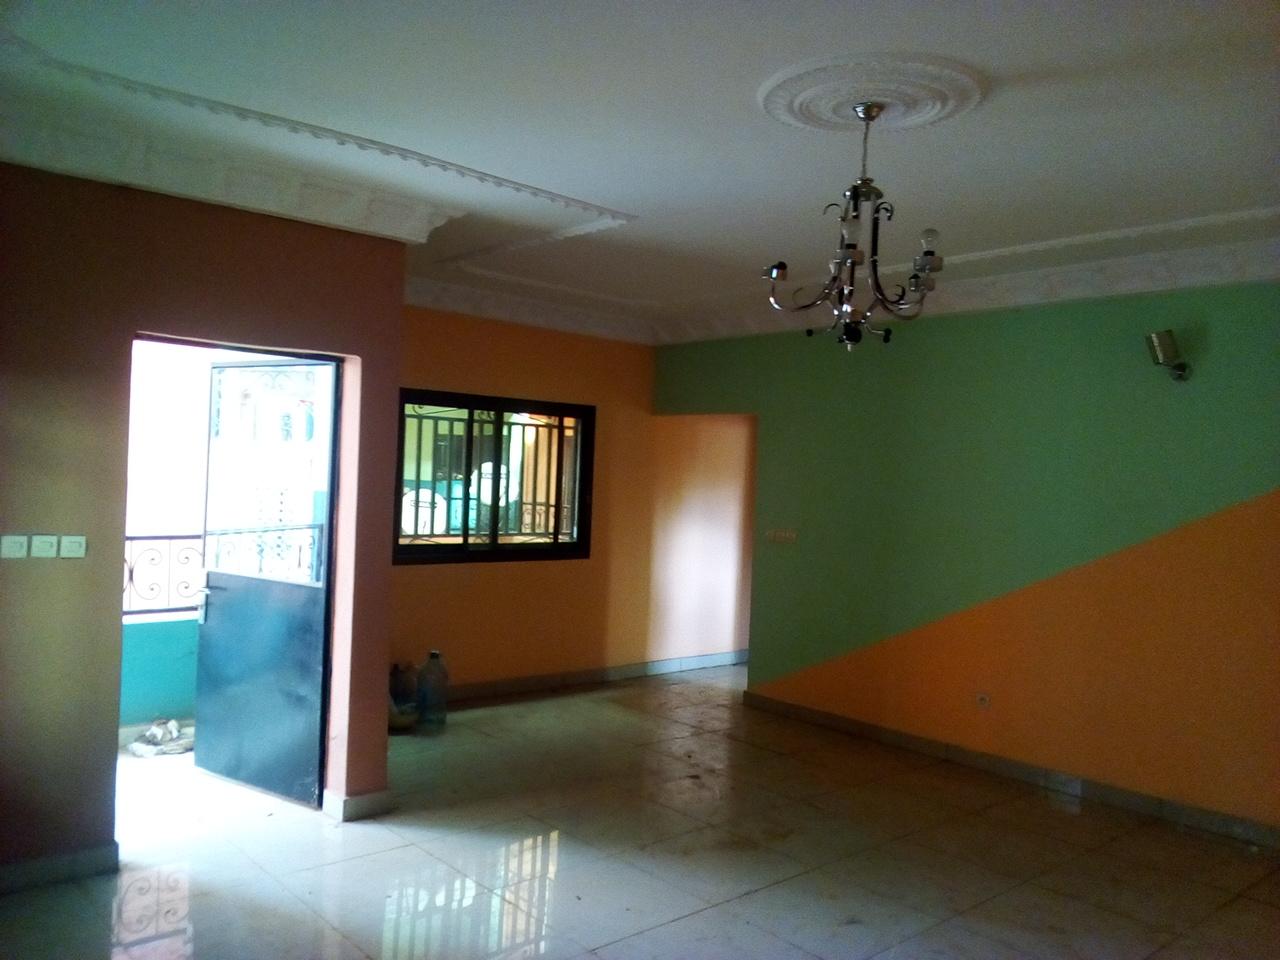 Apartment to rent - Yaoundé, Mimboman I, pas loin de dernier poteau - 1 living room(s), 2 bedroom(s), 2 bathroom(s) - 135 000 FCFA / month